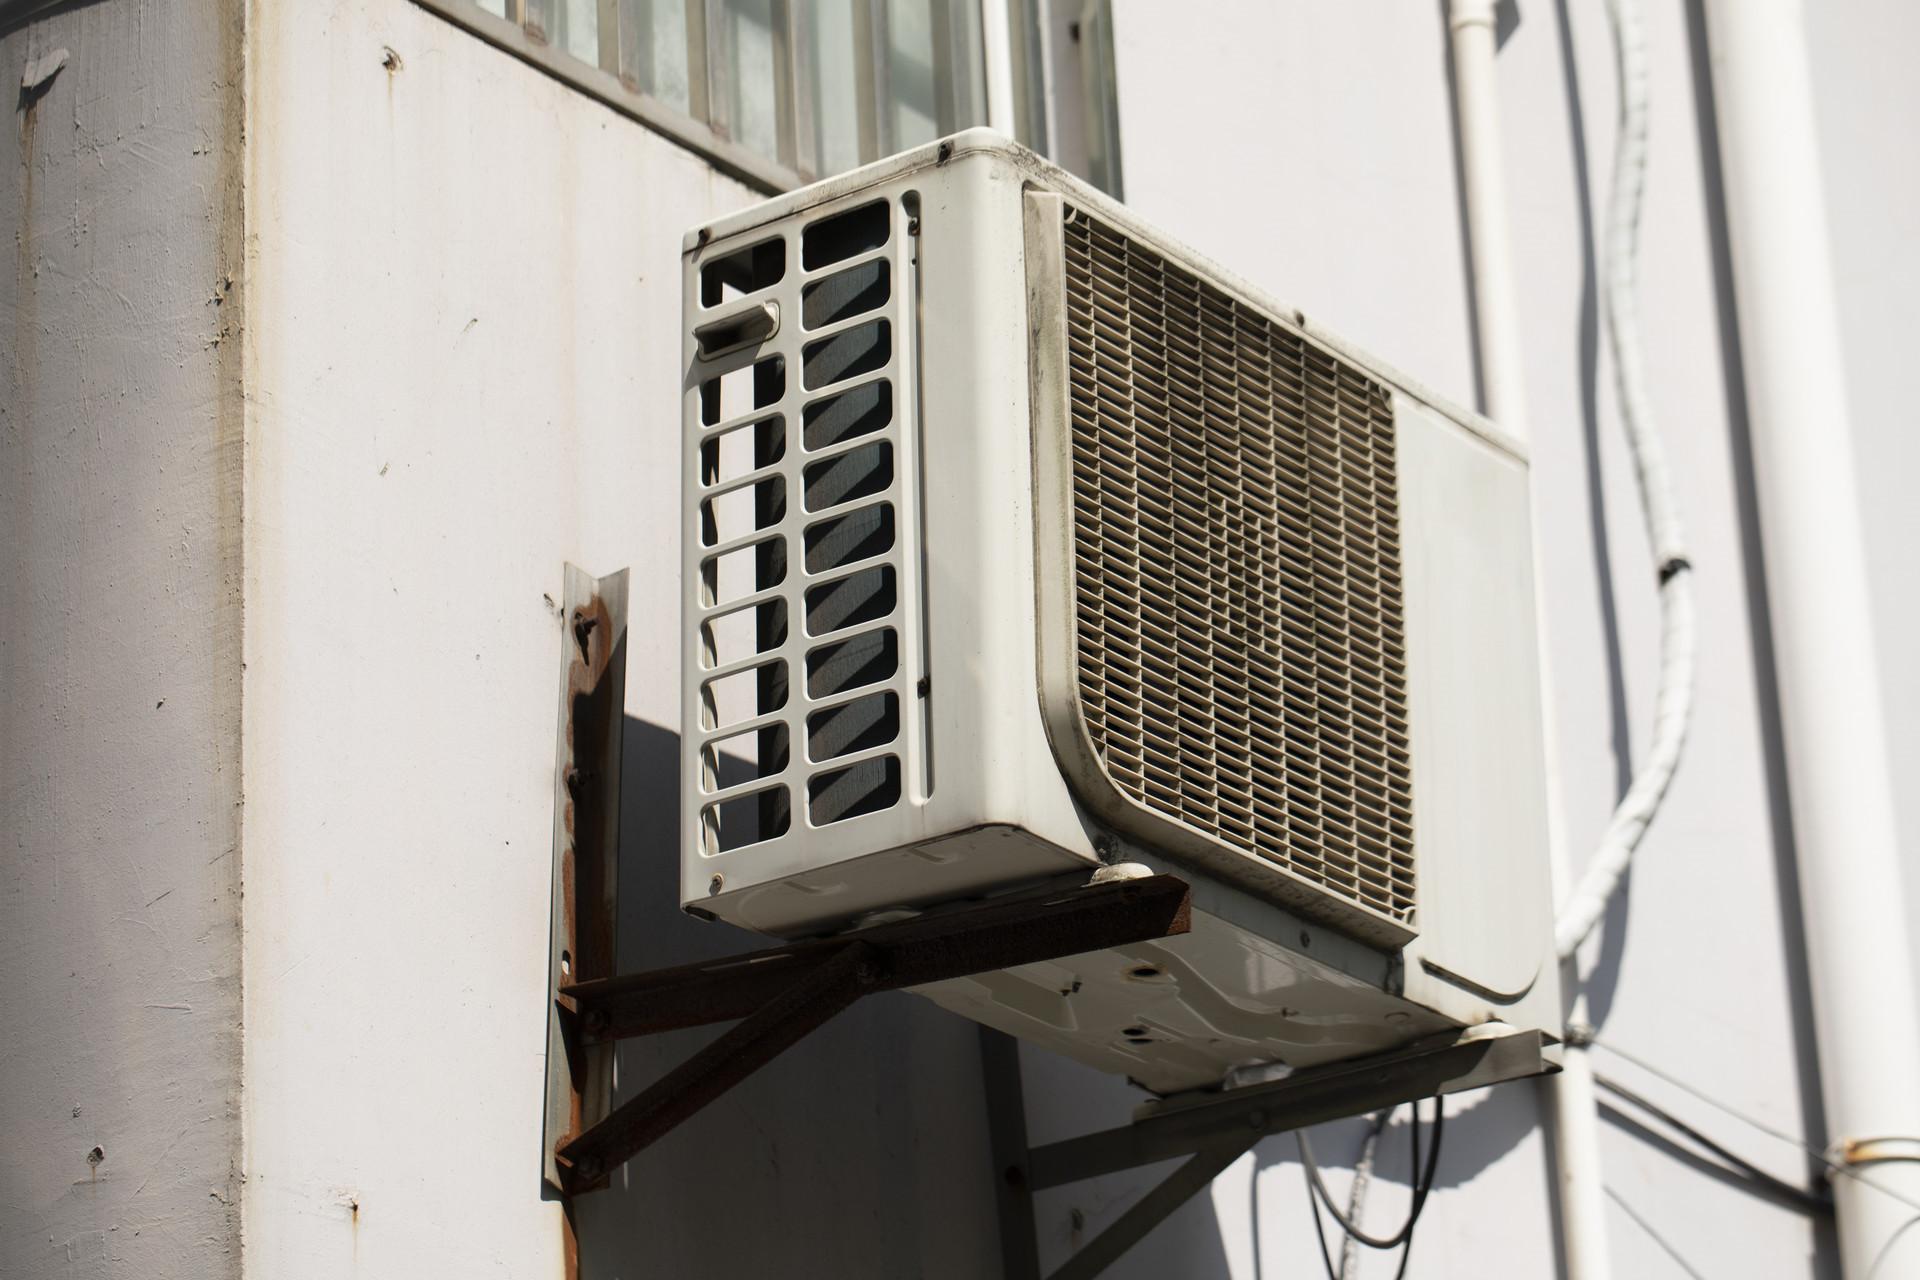 空调制冷效果不好是怎么回事?教你5种解决方法